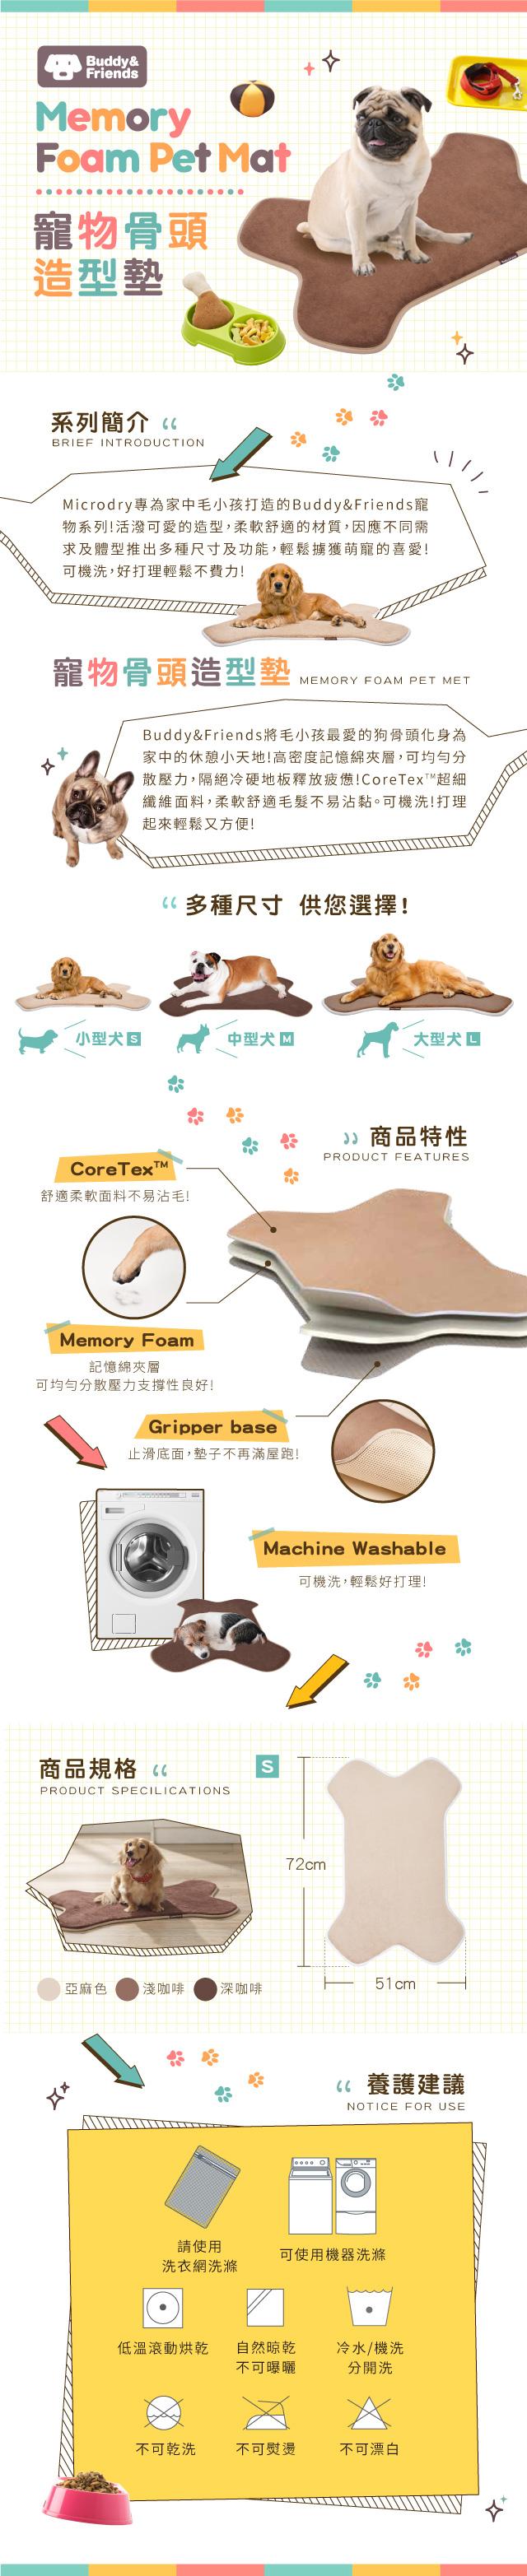 (複製)Buddy&Friends 寵物骨頭造型墊-深咖啡M(61x91cm)